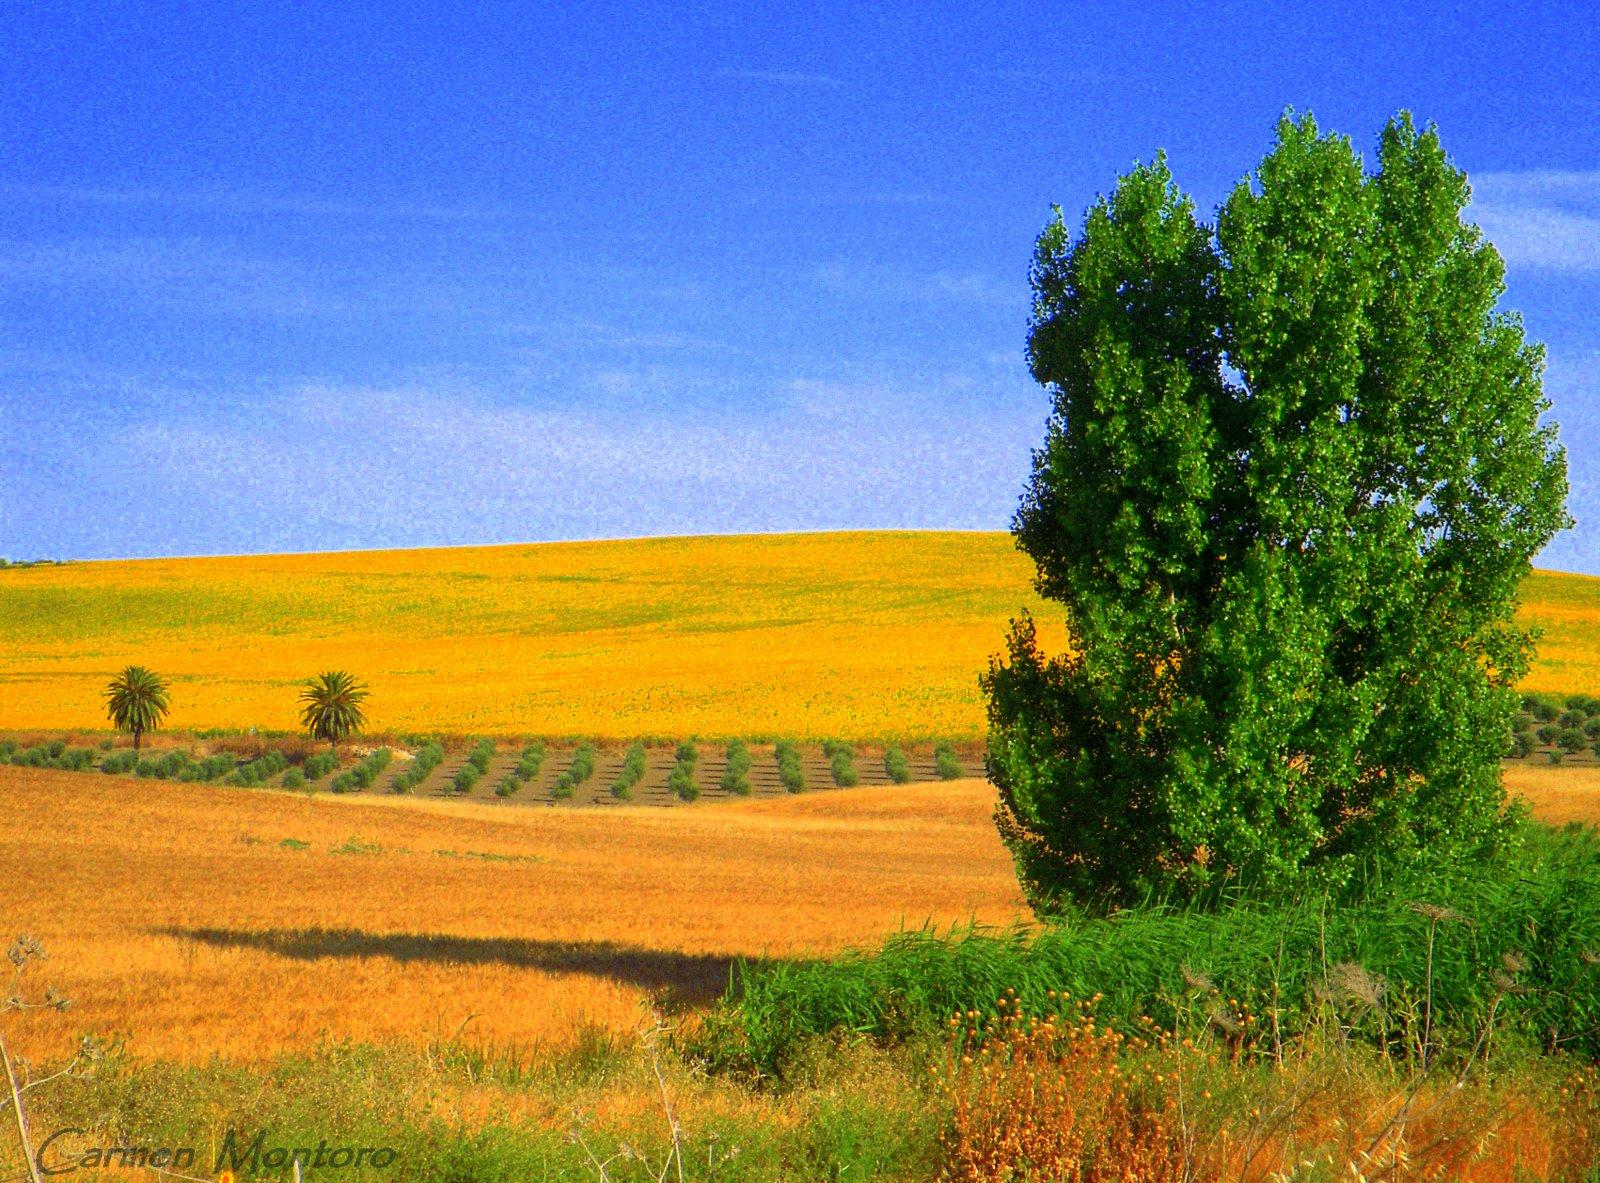 un sitio diferente: paisajes jiennenses